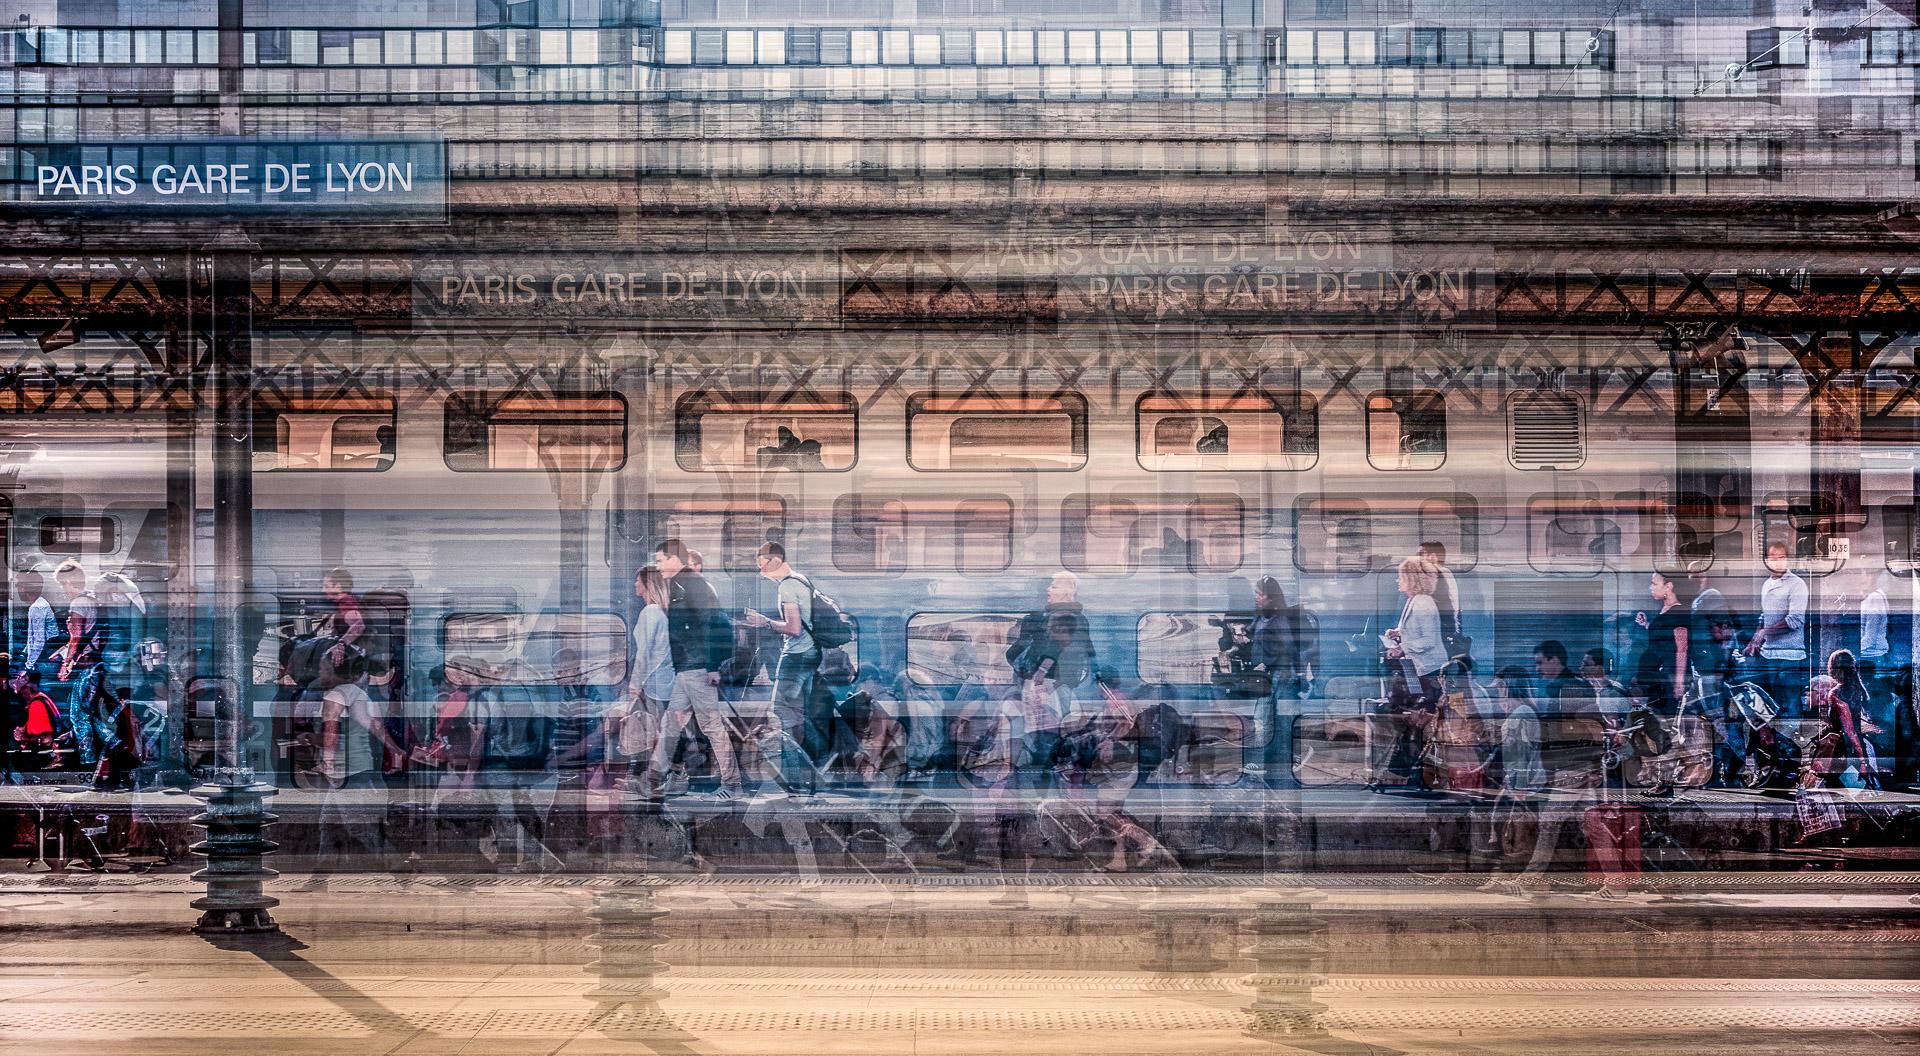 Quai Paris Gare de Lyon